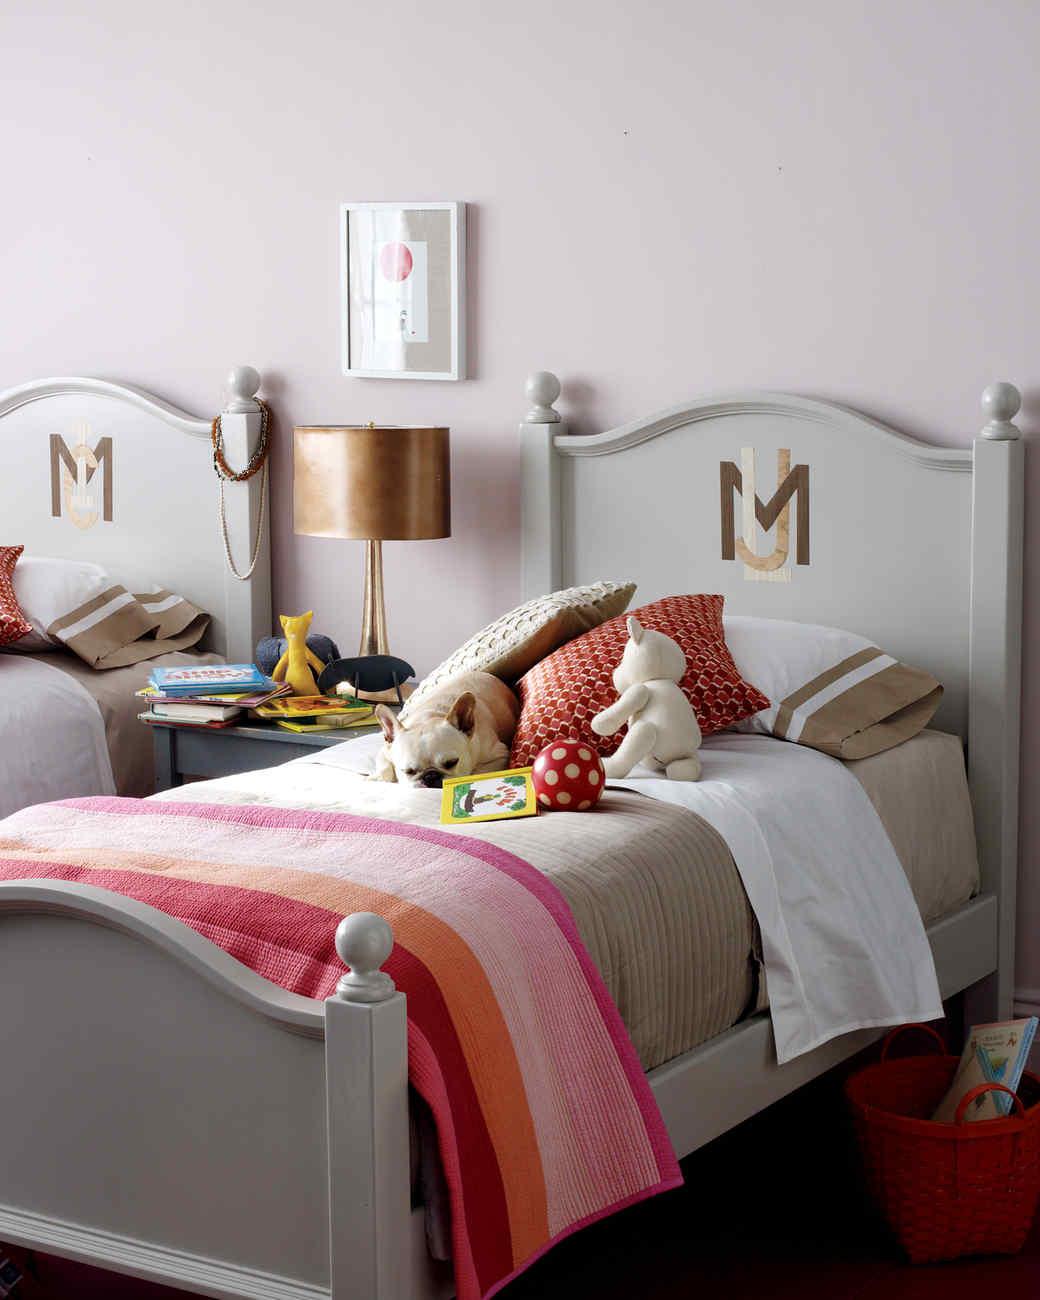 monogram-bed-0911mld106720.jpg